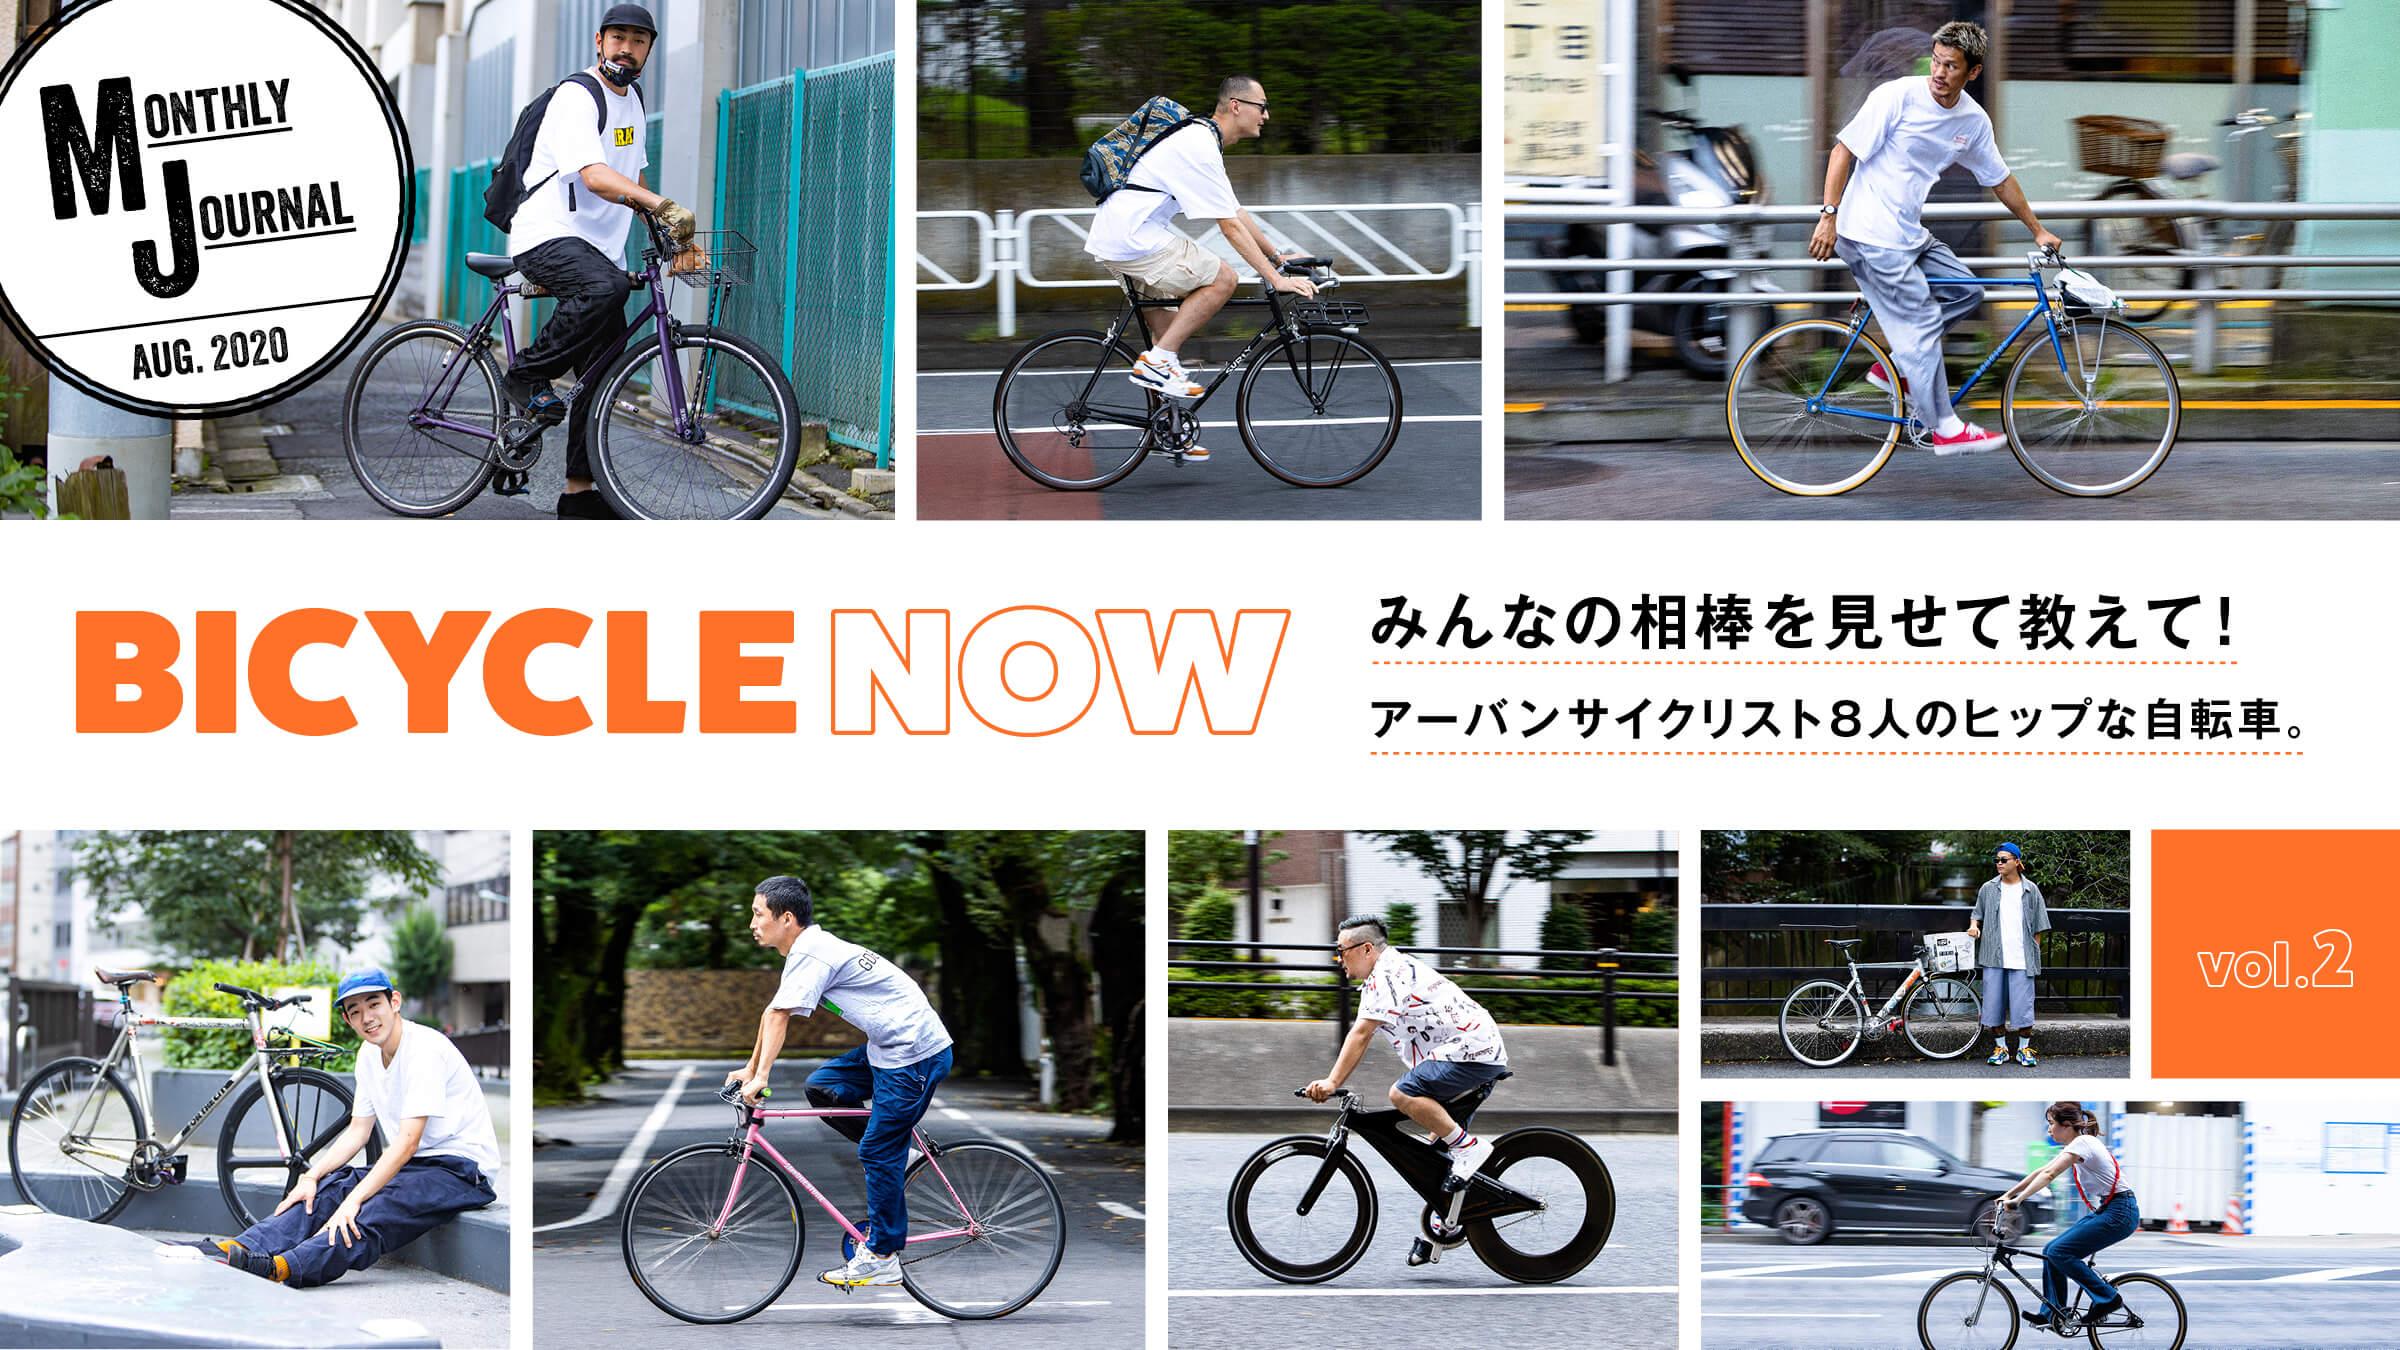 BICYCLE NOW vol.2みんなの相棒を見せて教えて! アーバンサイクリスト8人のヒップな自転車。